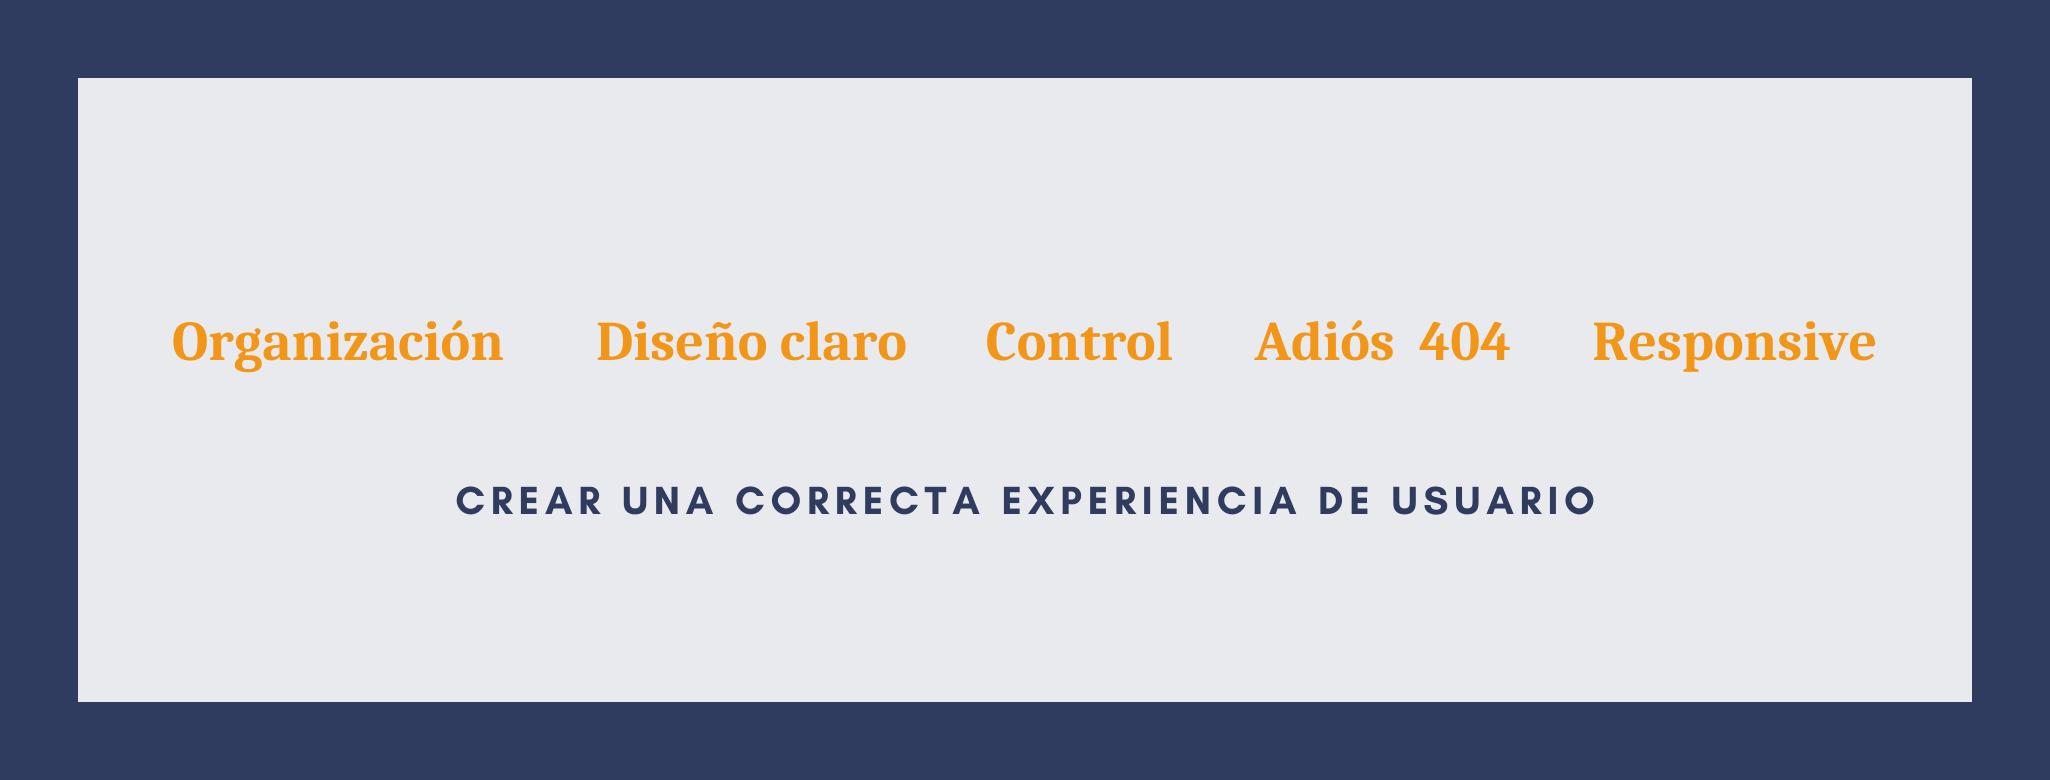 Infografía para crear una correcta experiencia de usuario.